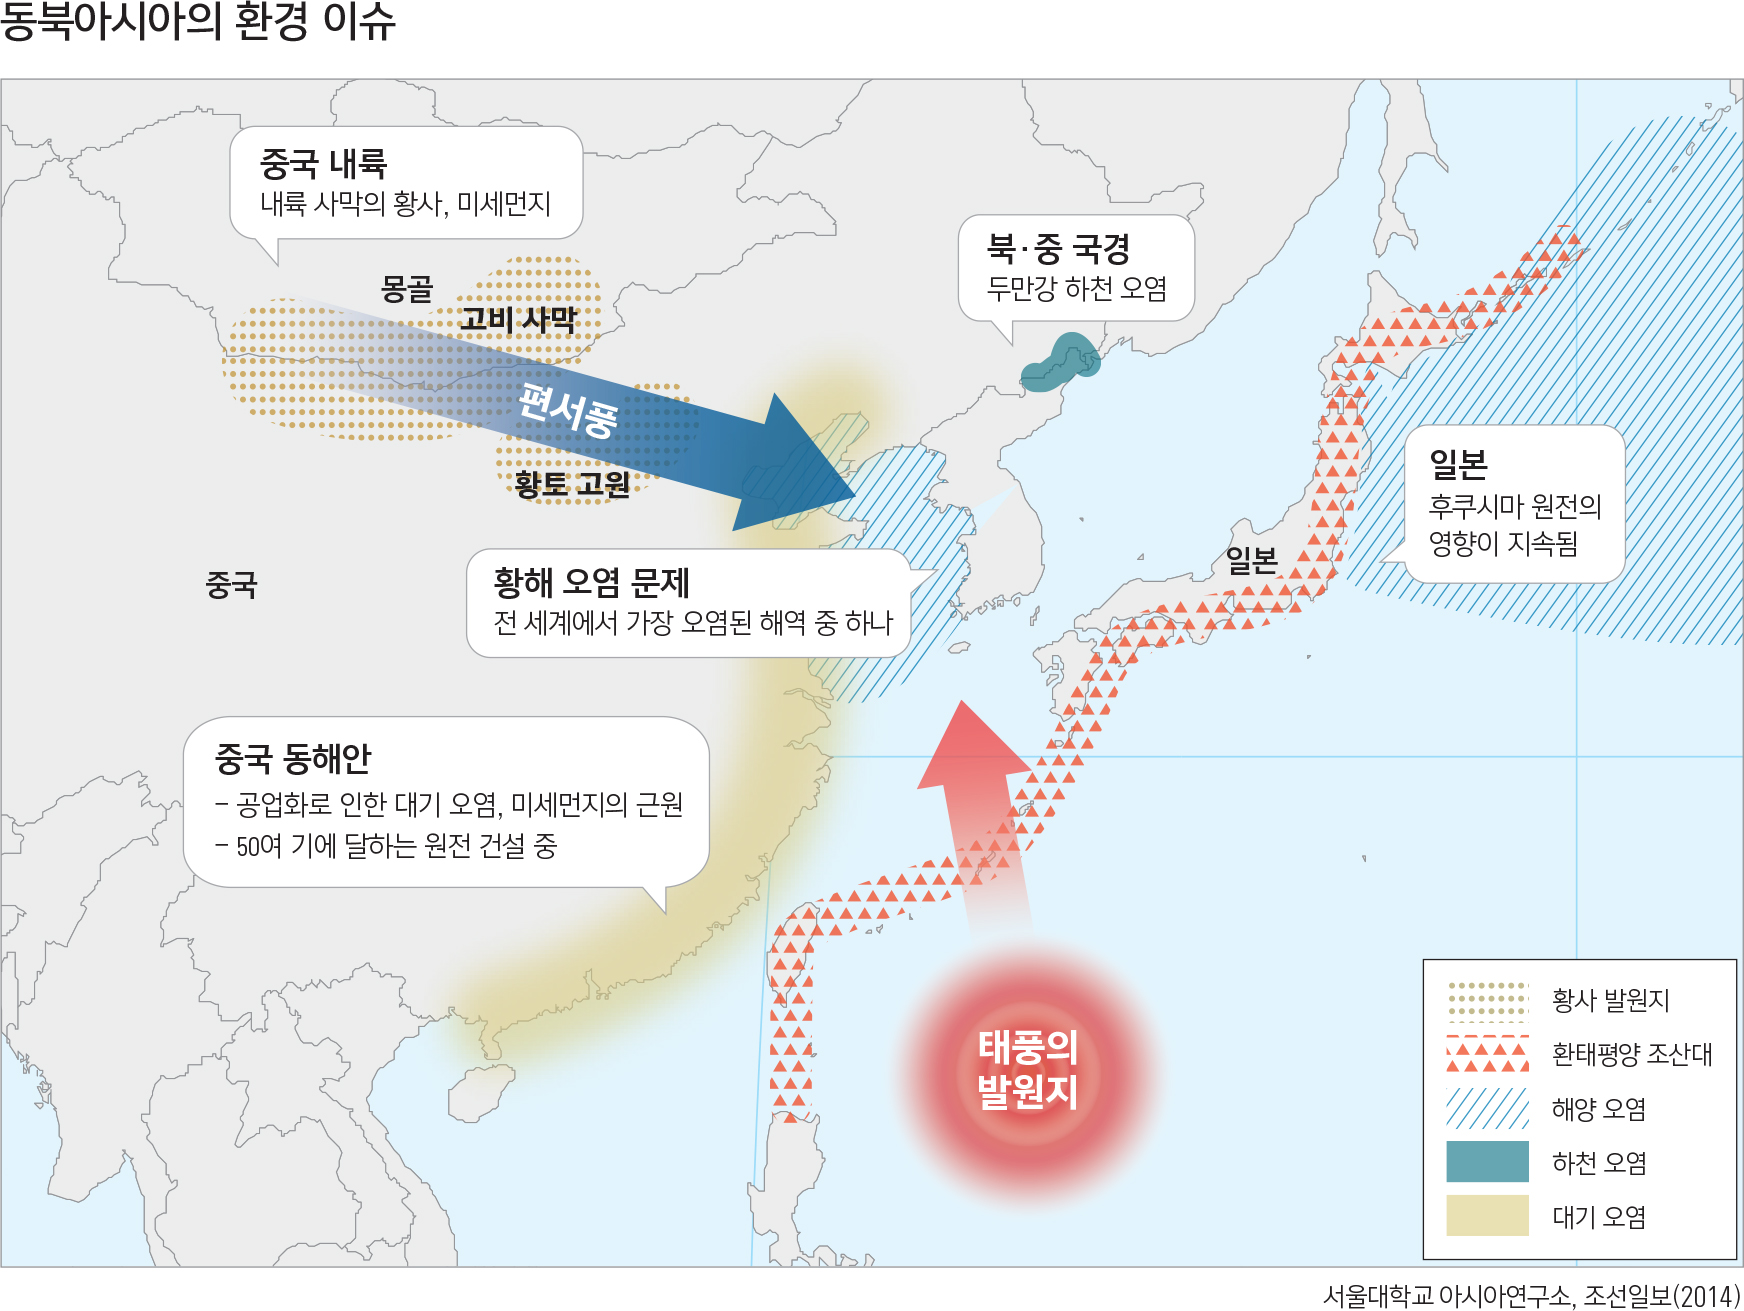 동북아시아의 환경 이슈